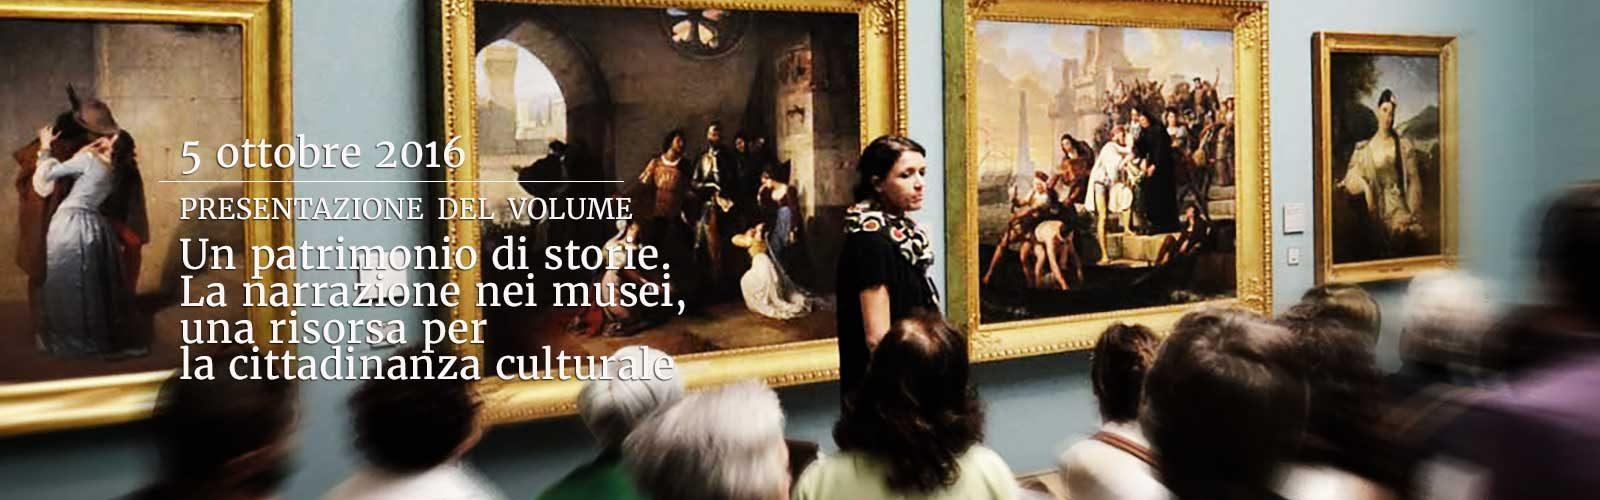 """Presentazione del volume """"Un patrimonio di storie. La narrazione nei musei, una risorsa per la cittadinanza culturale"""""""